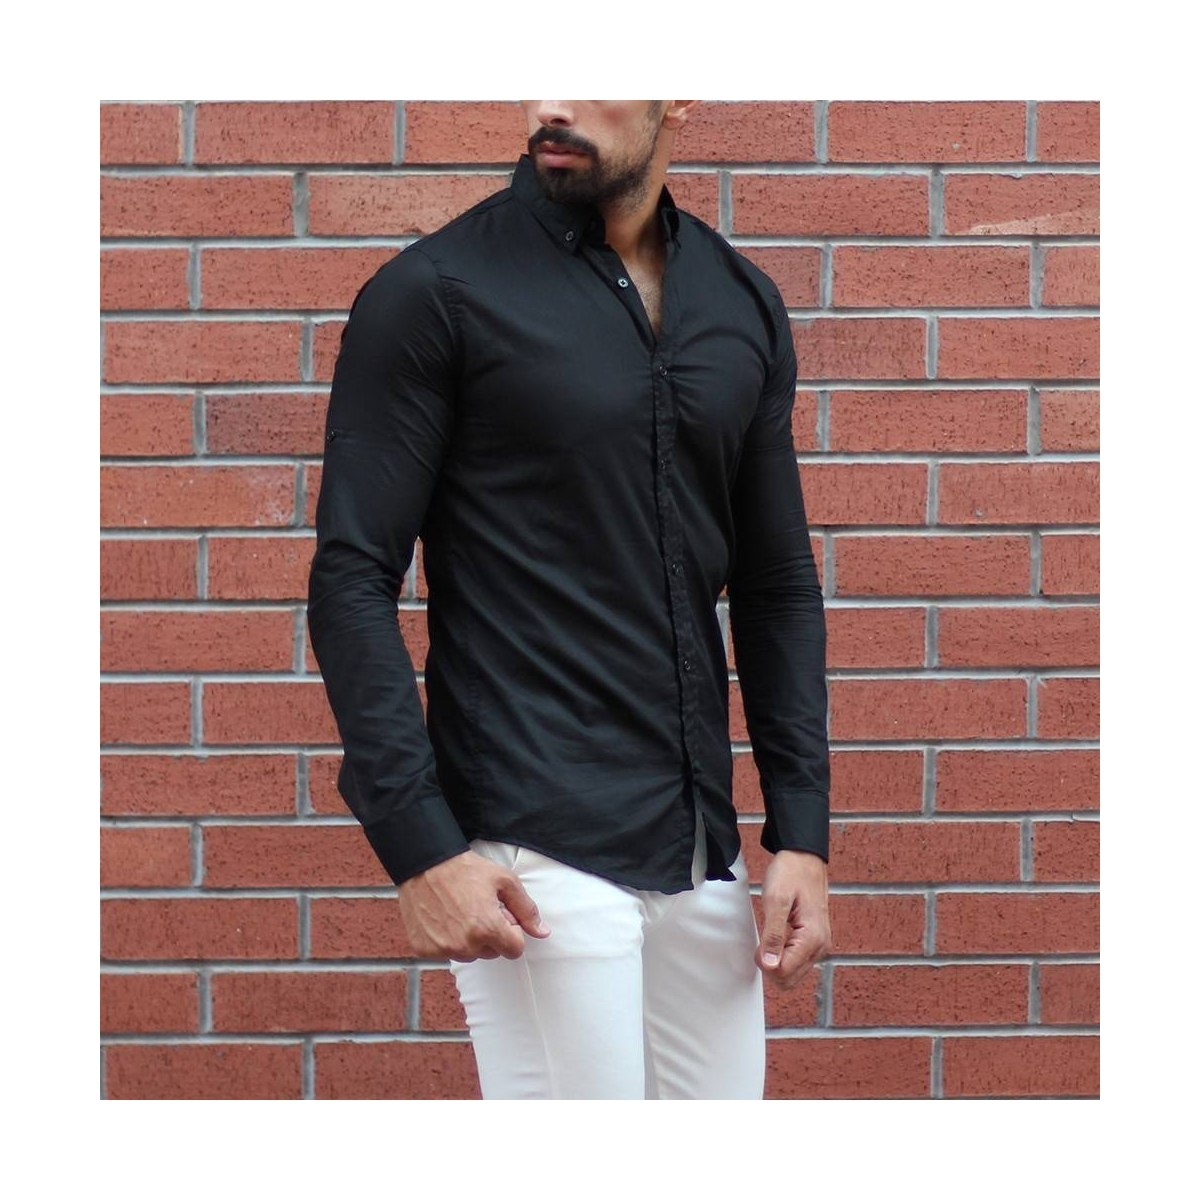 Men's Stylish Basic Shirt...